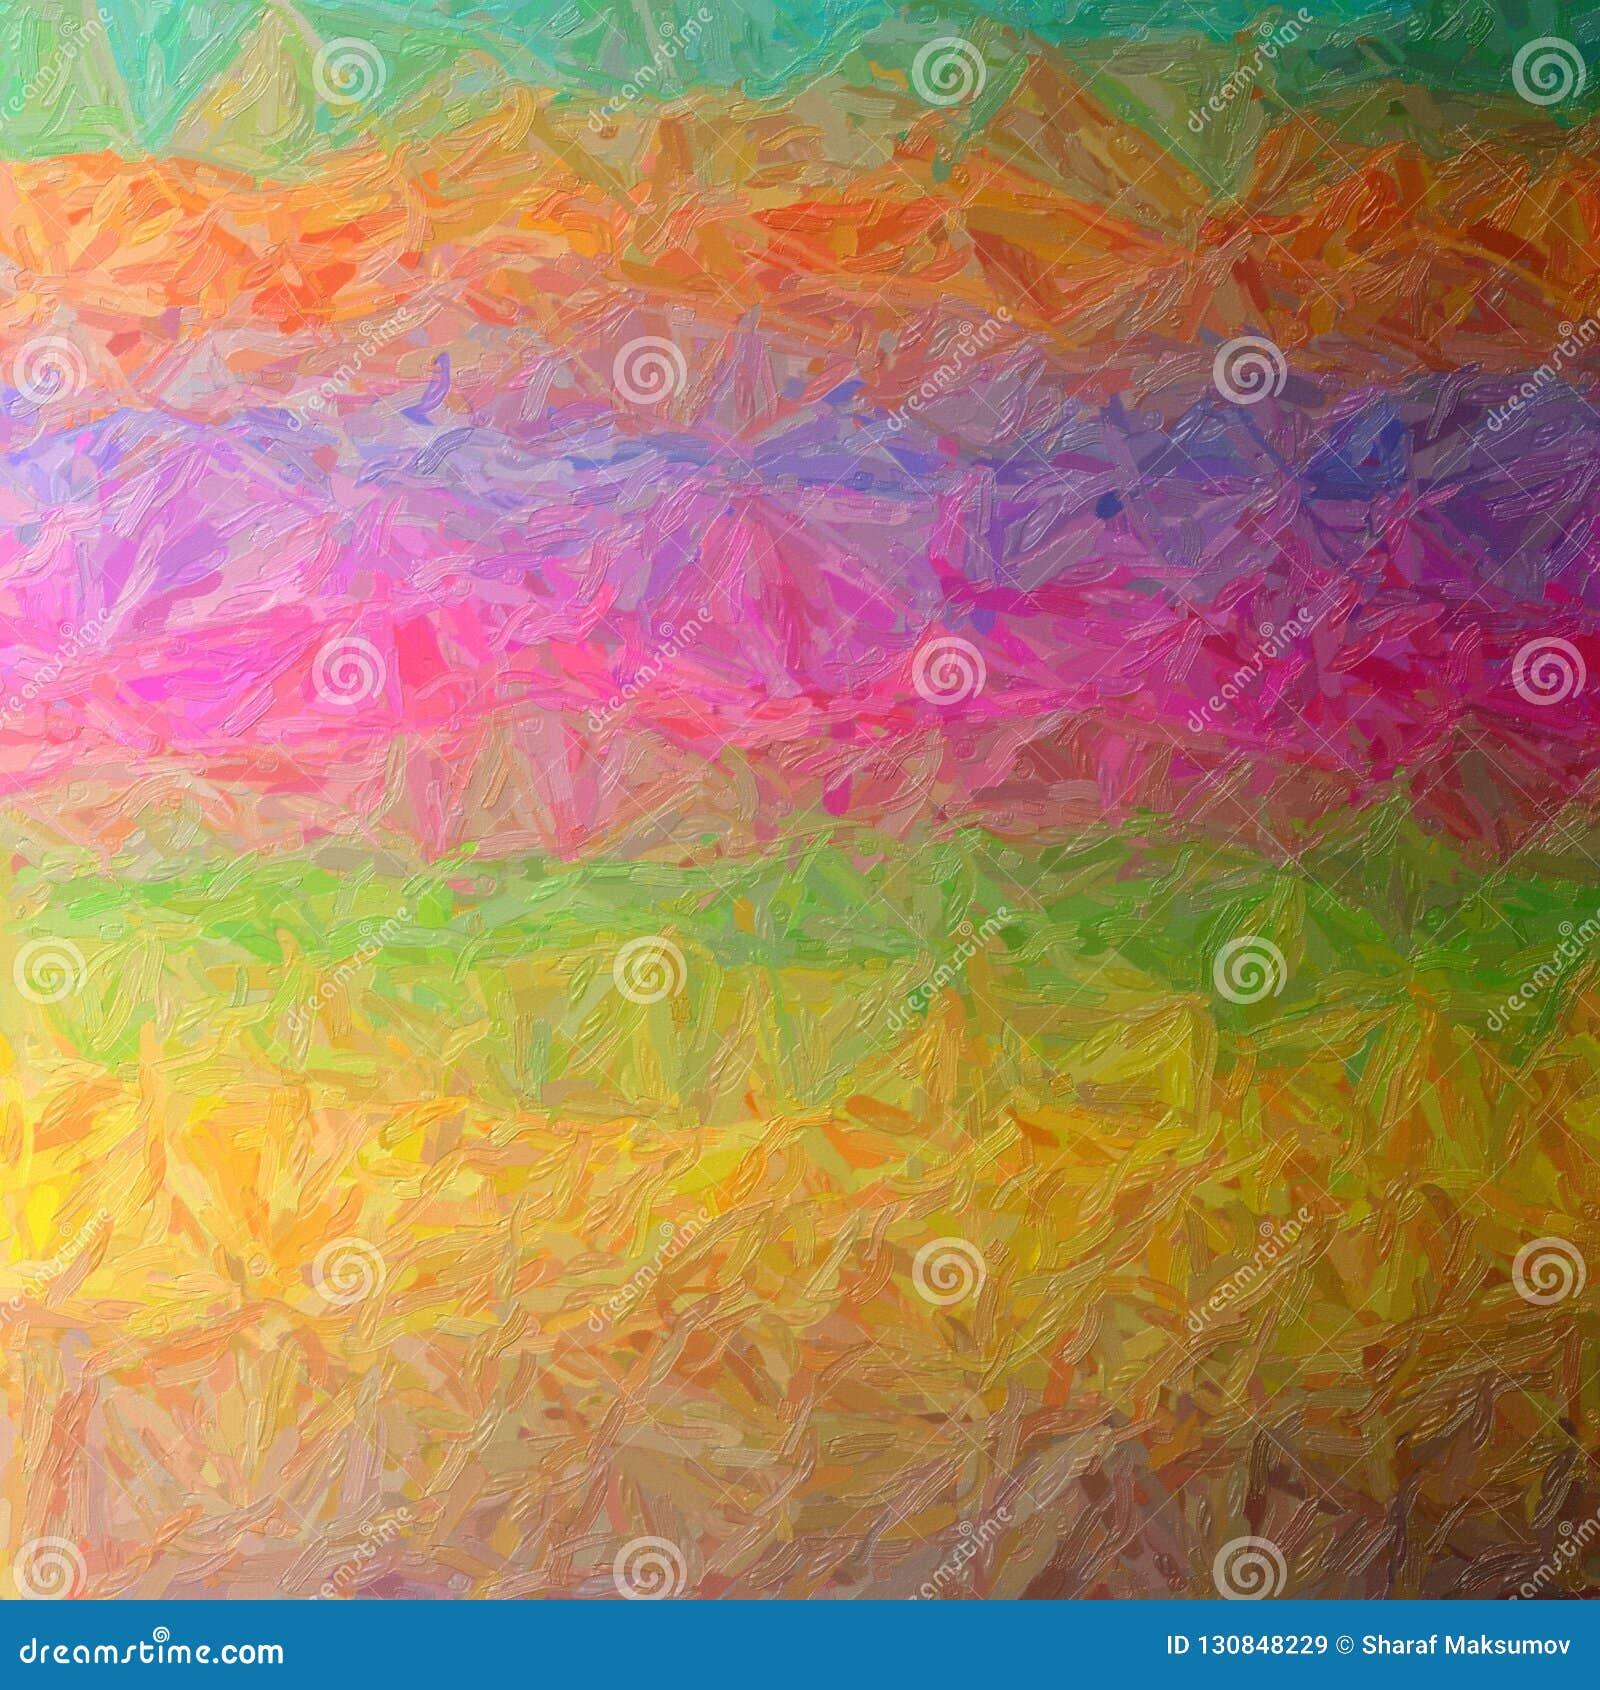 Illustration of brown, green, magenta, blue and orange large color variation impasto square background.